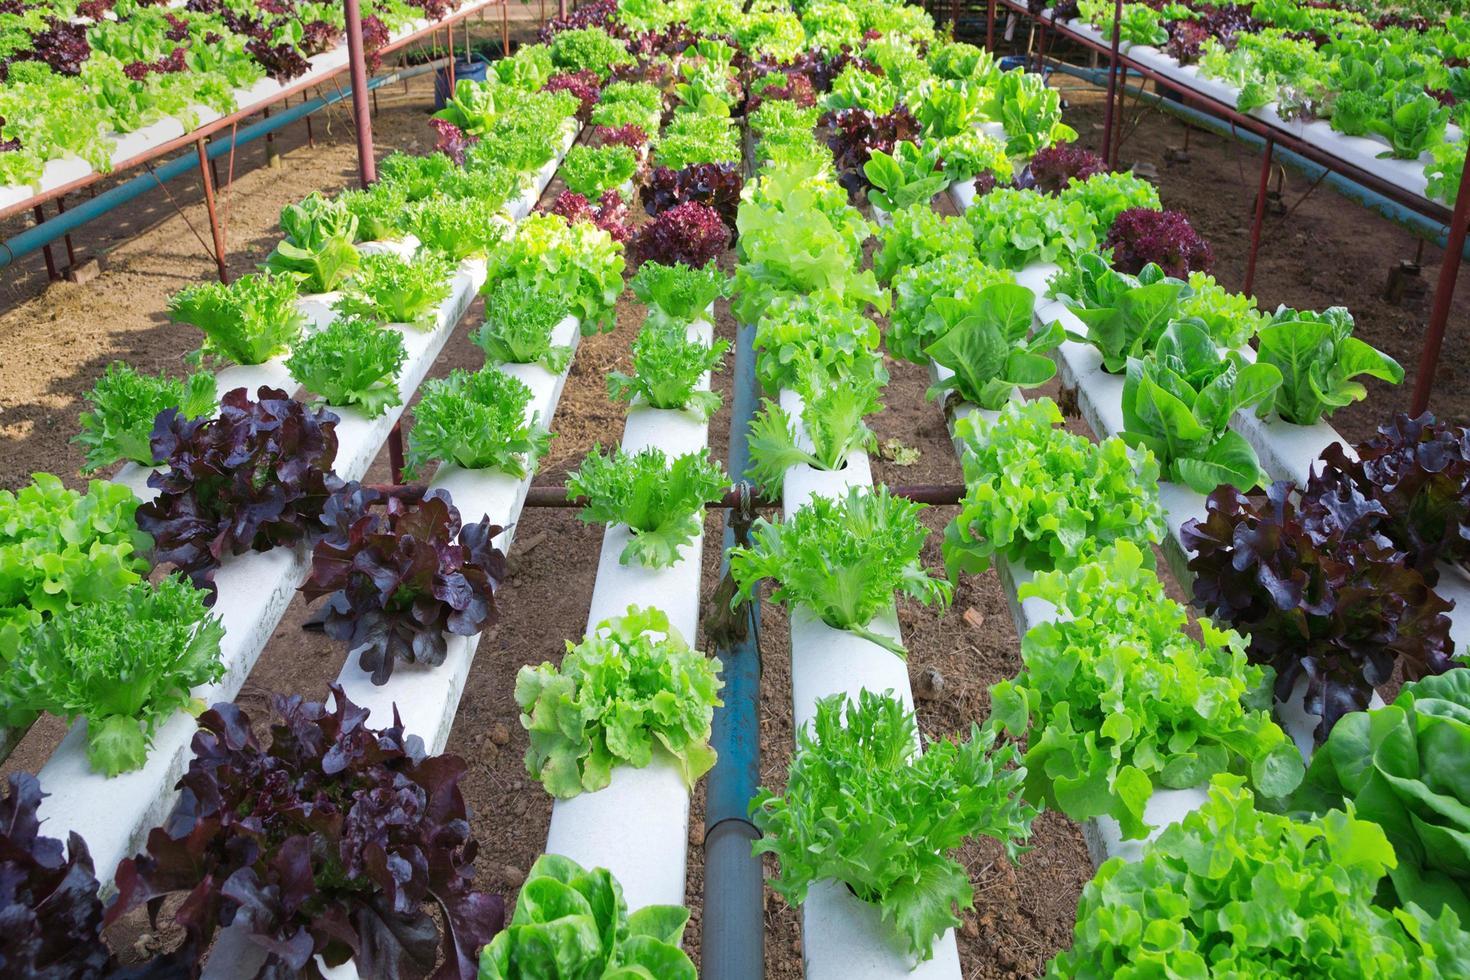 campo con hileras de lechuga de cabeza, colorido maduro listo para la cosecha. foto